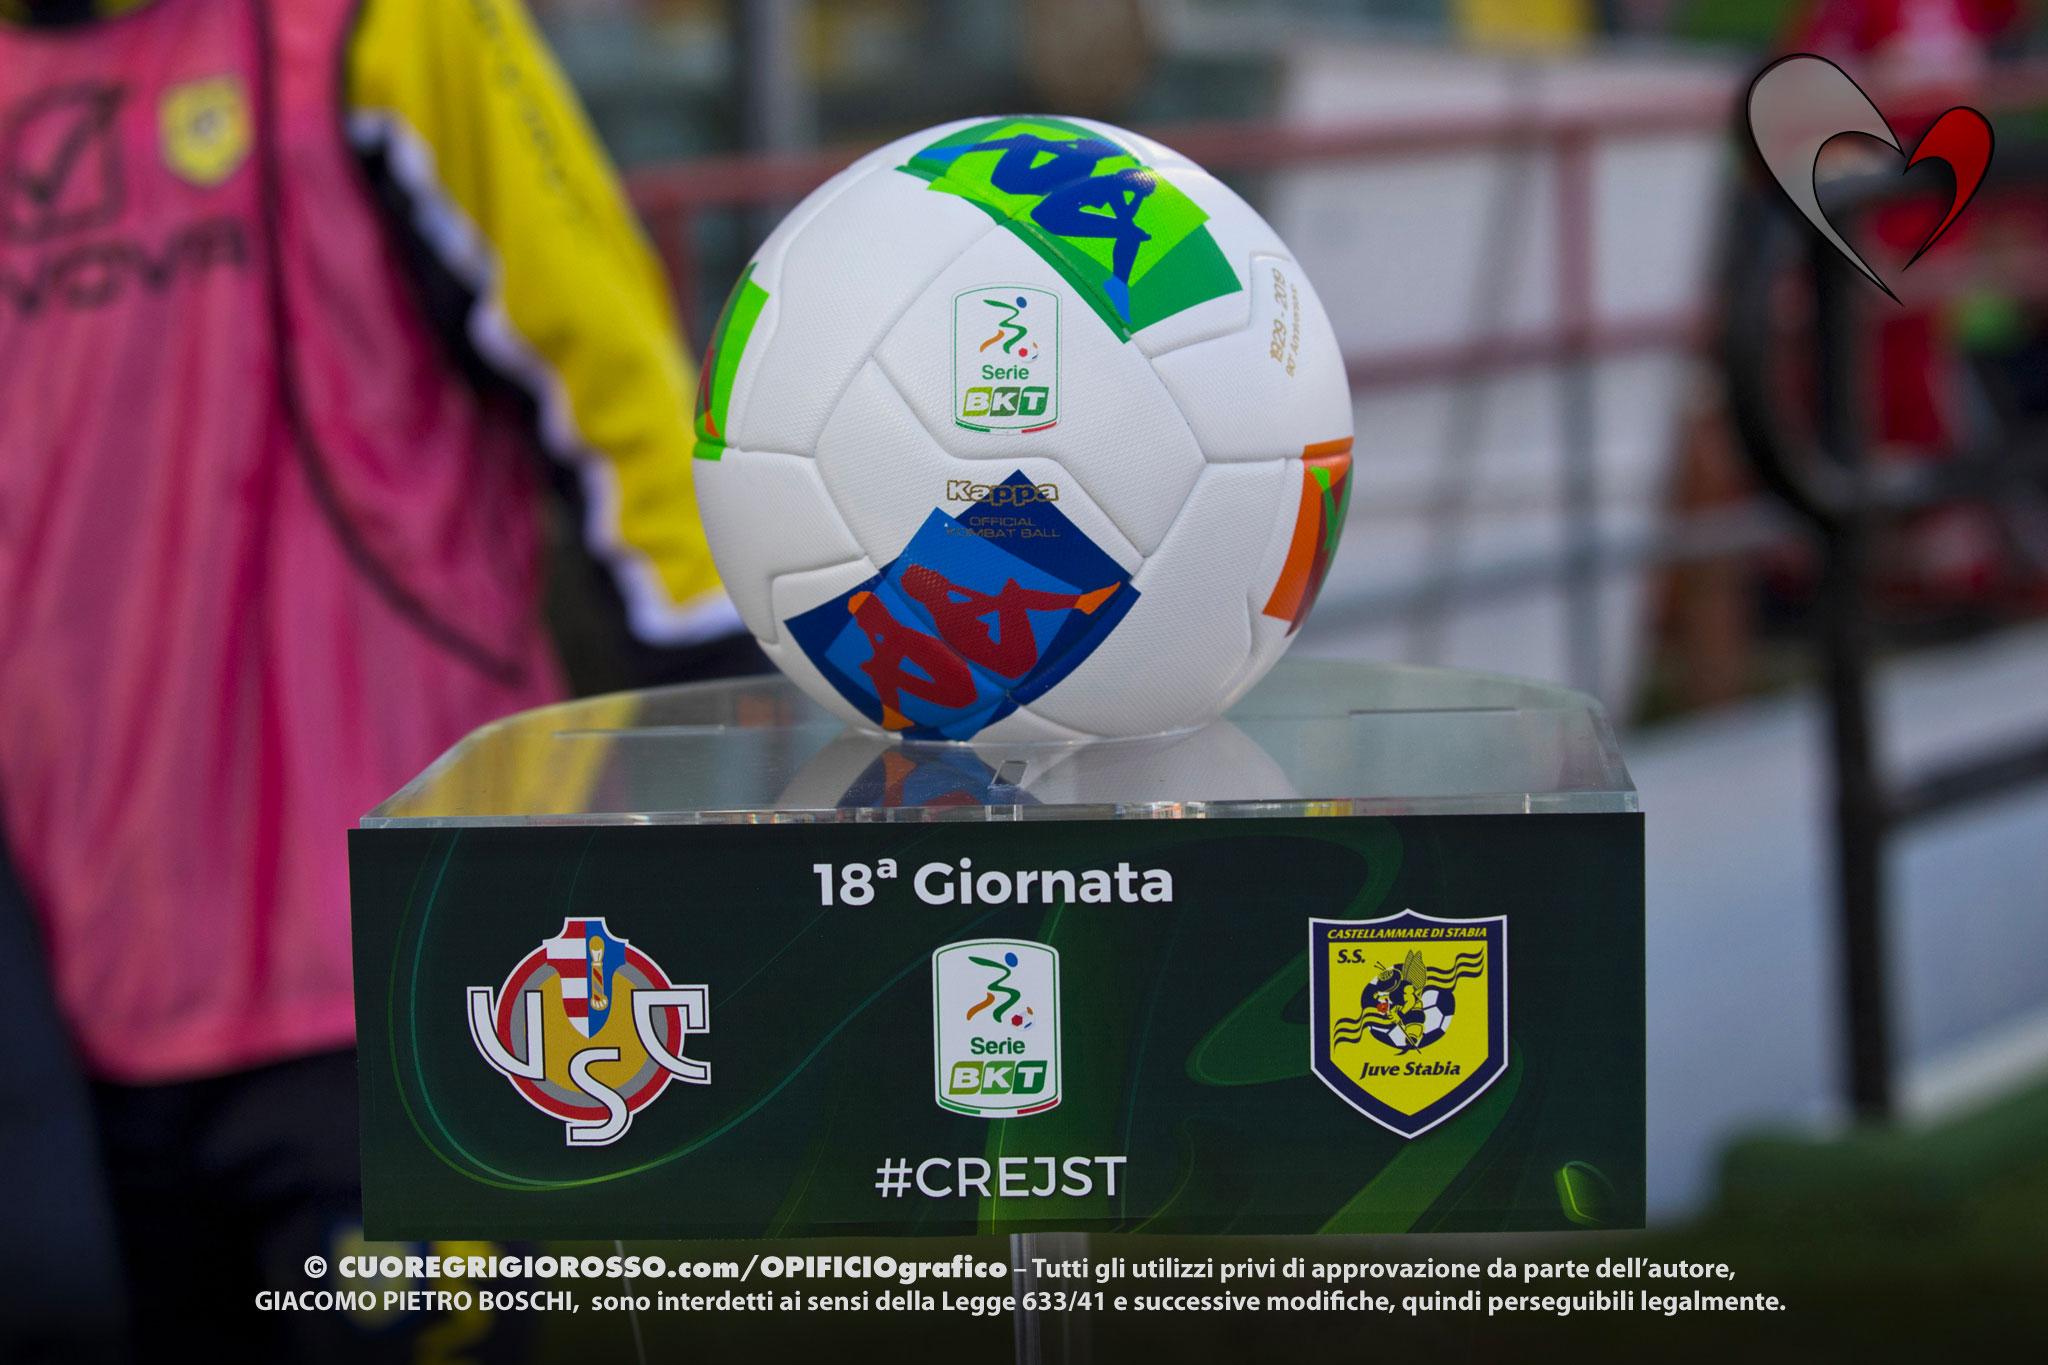 Serie B, la Spal vola al 3° posto. Incubo Reggiana